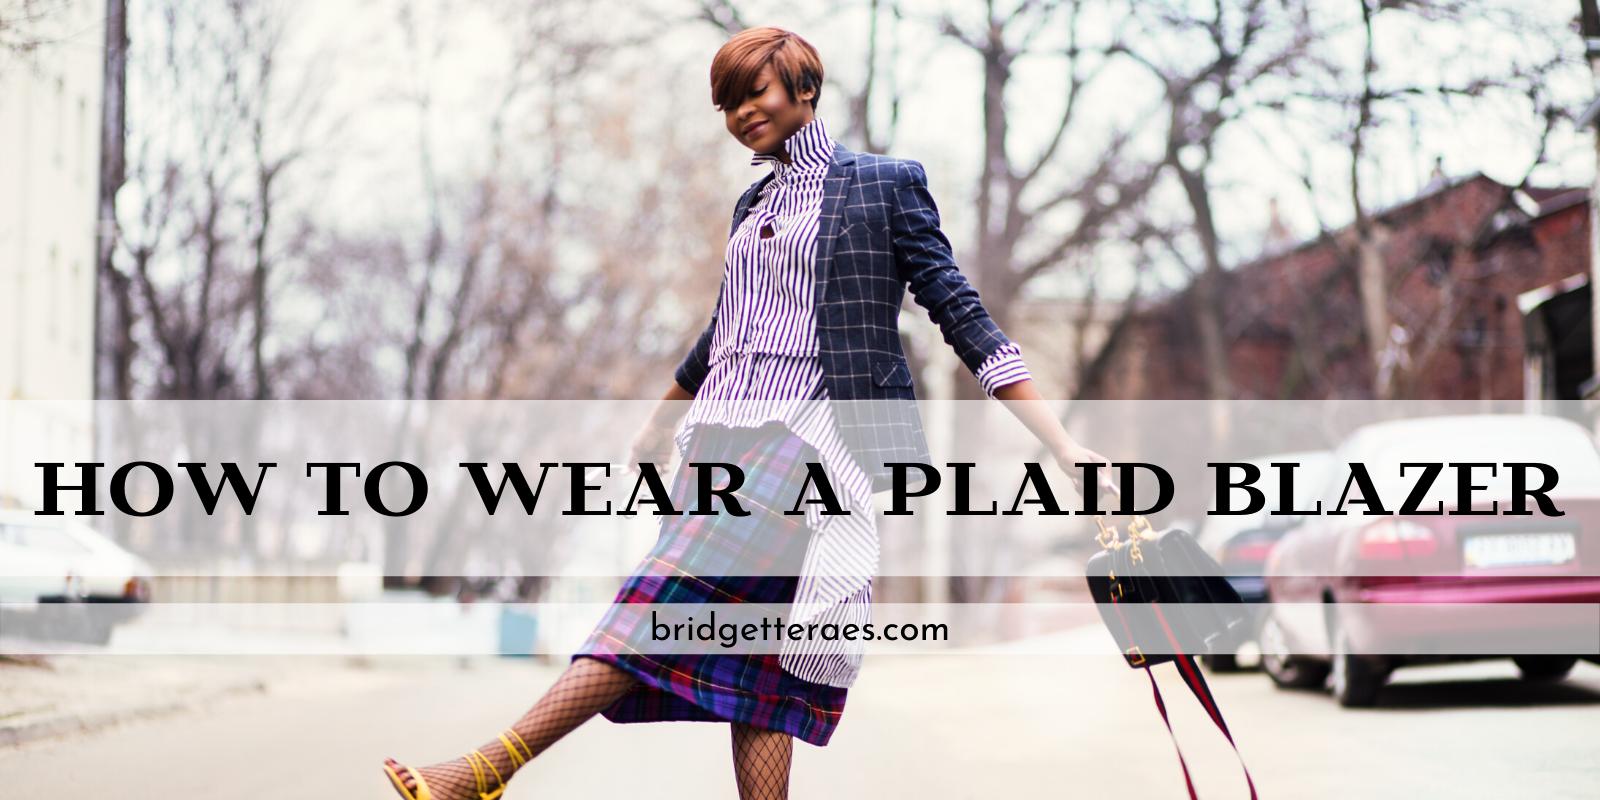 How to Wear a Plaid Blazer